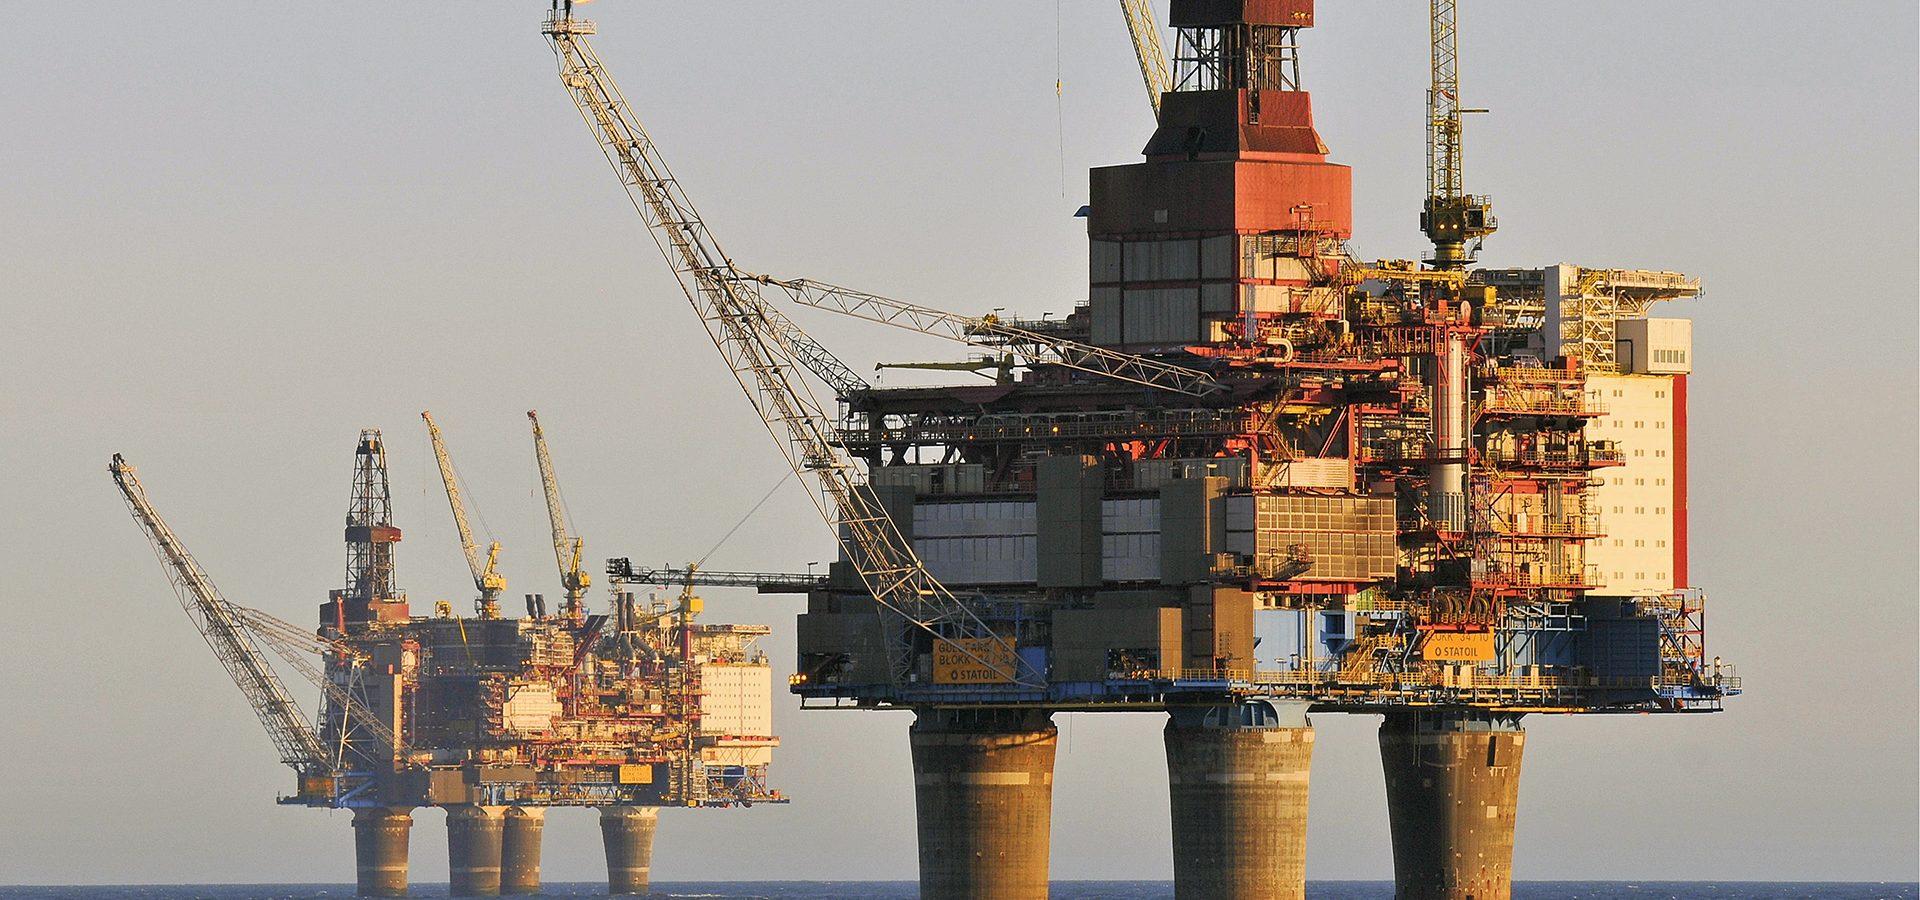 Statoil-Gullfaks-offshore